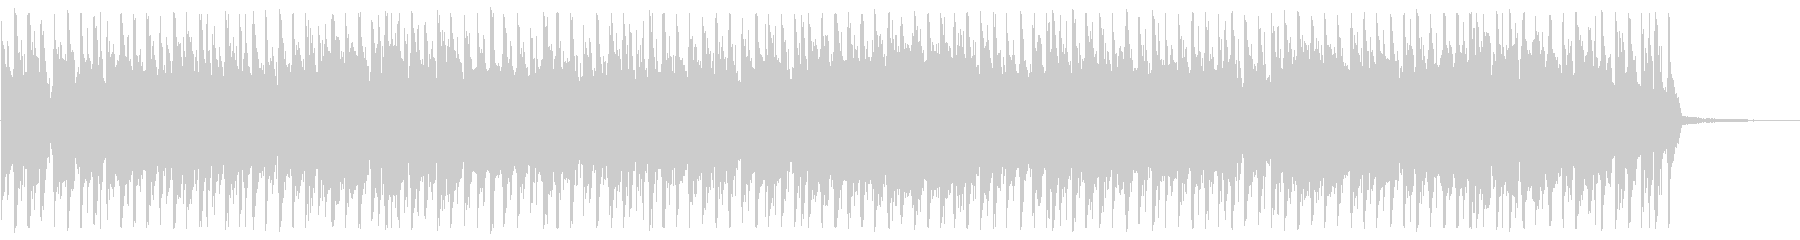 レトロ/エレクトロ_No455_4の未再生の波形